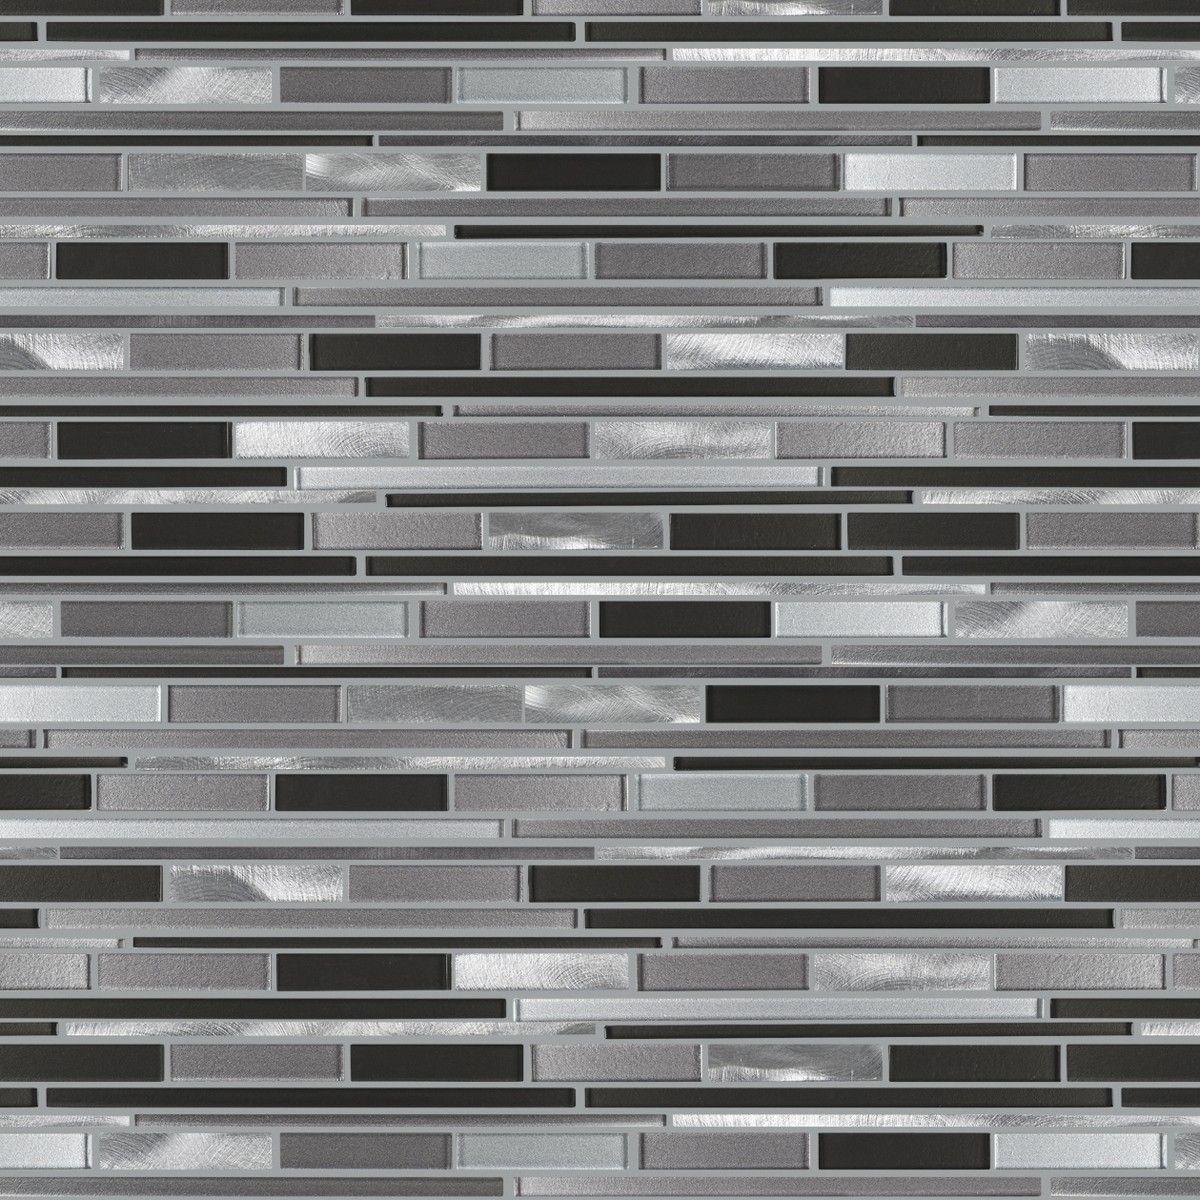 Lueur d toiles carreaux muraux en mosa que r novation for Carreaux muraux